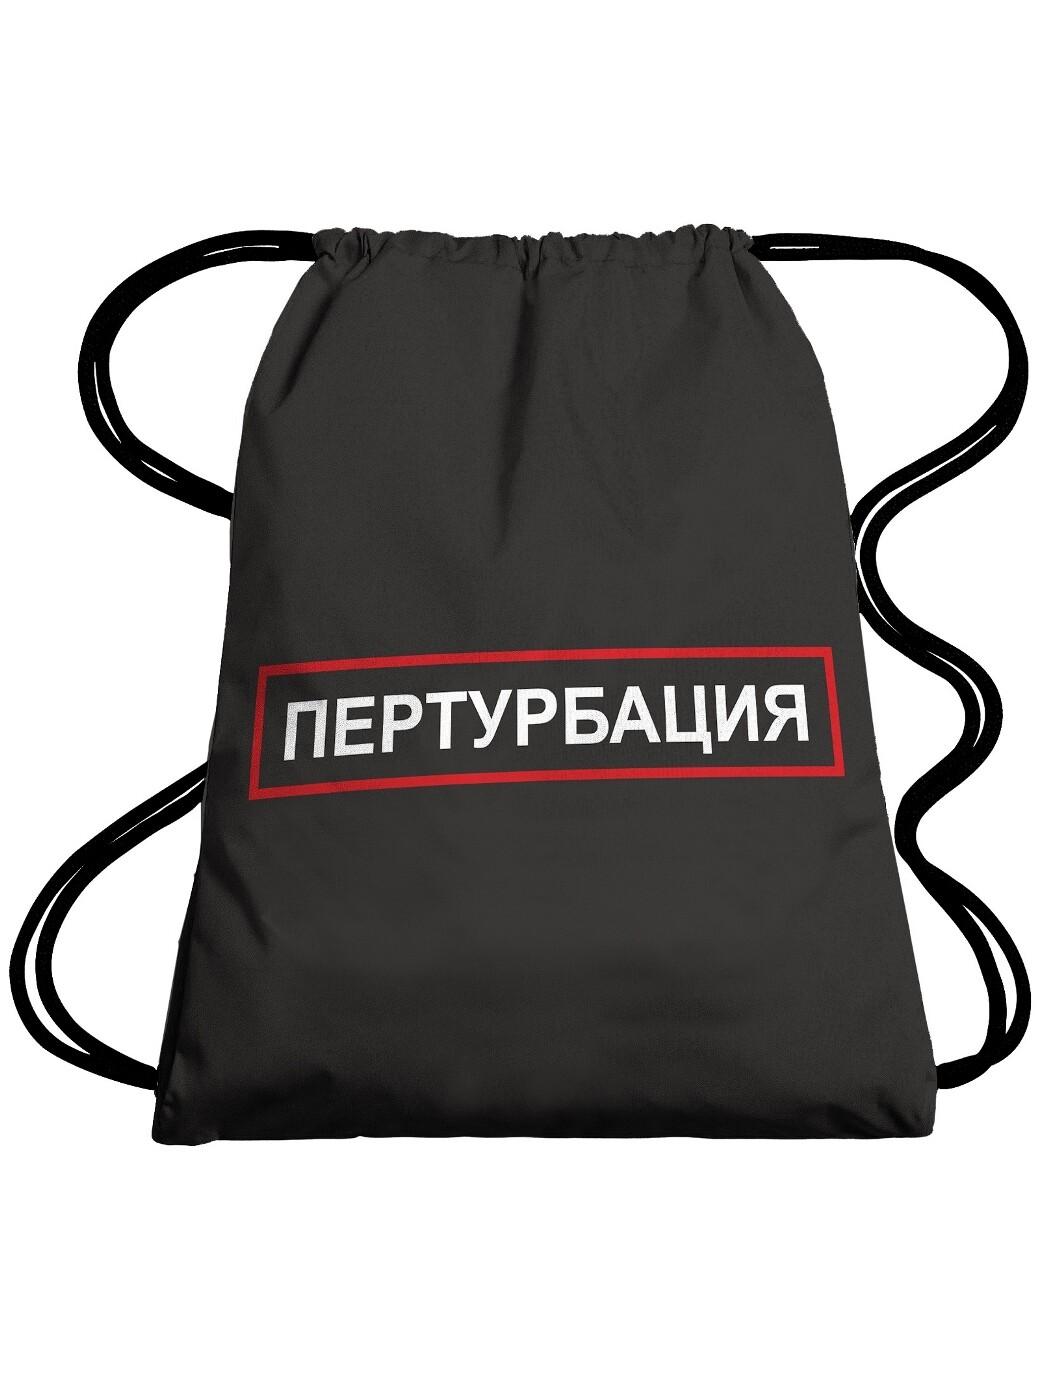 Рюкзак-мешок Пертурбация